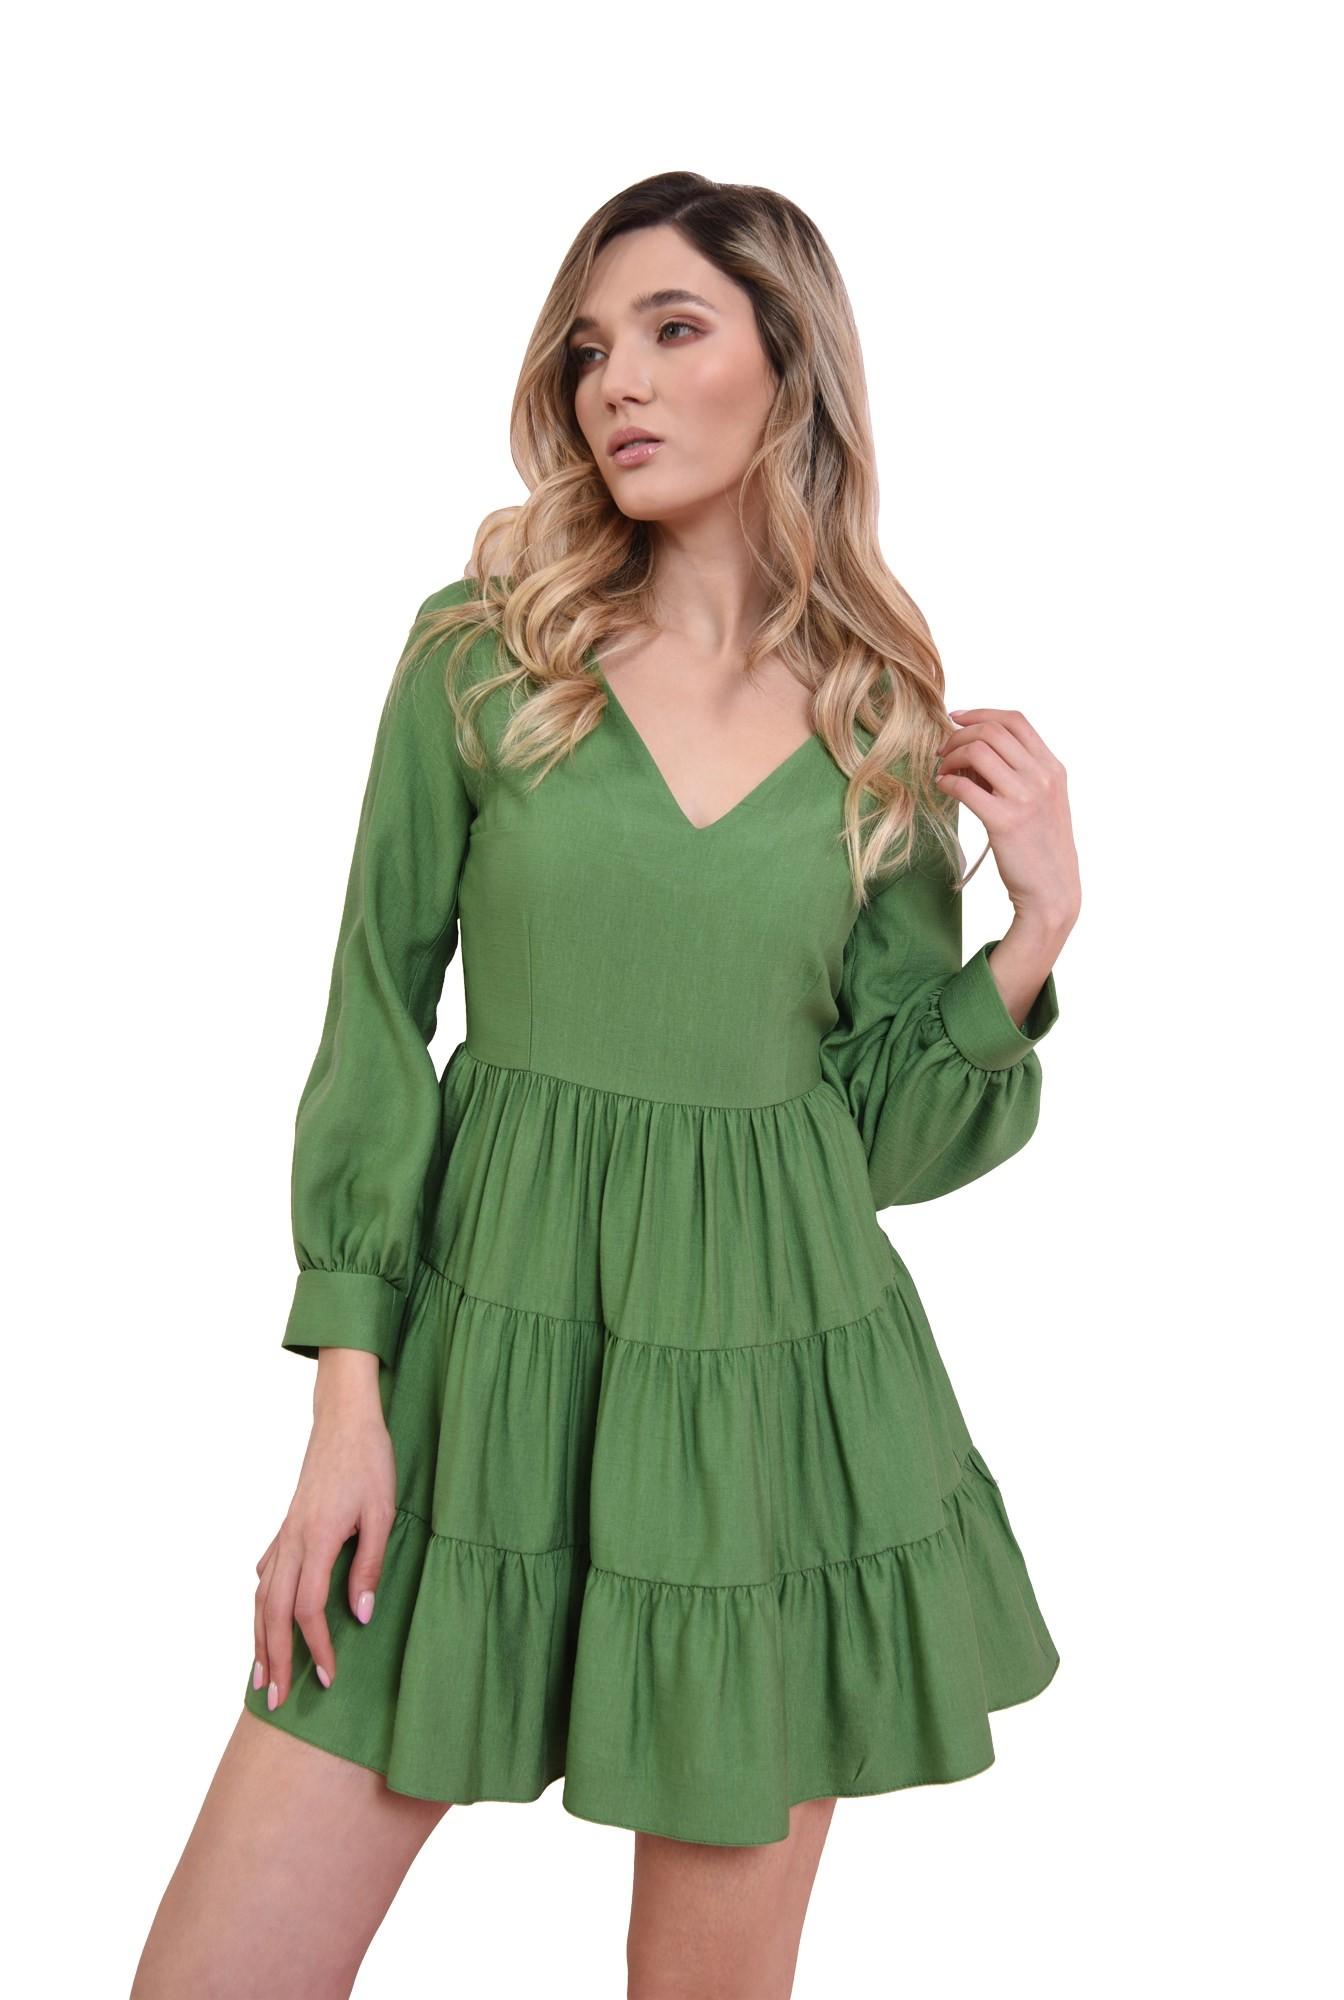 3 - rochie mini, verde, cu volan